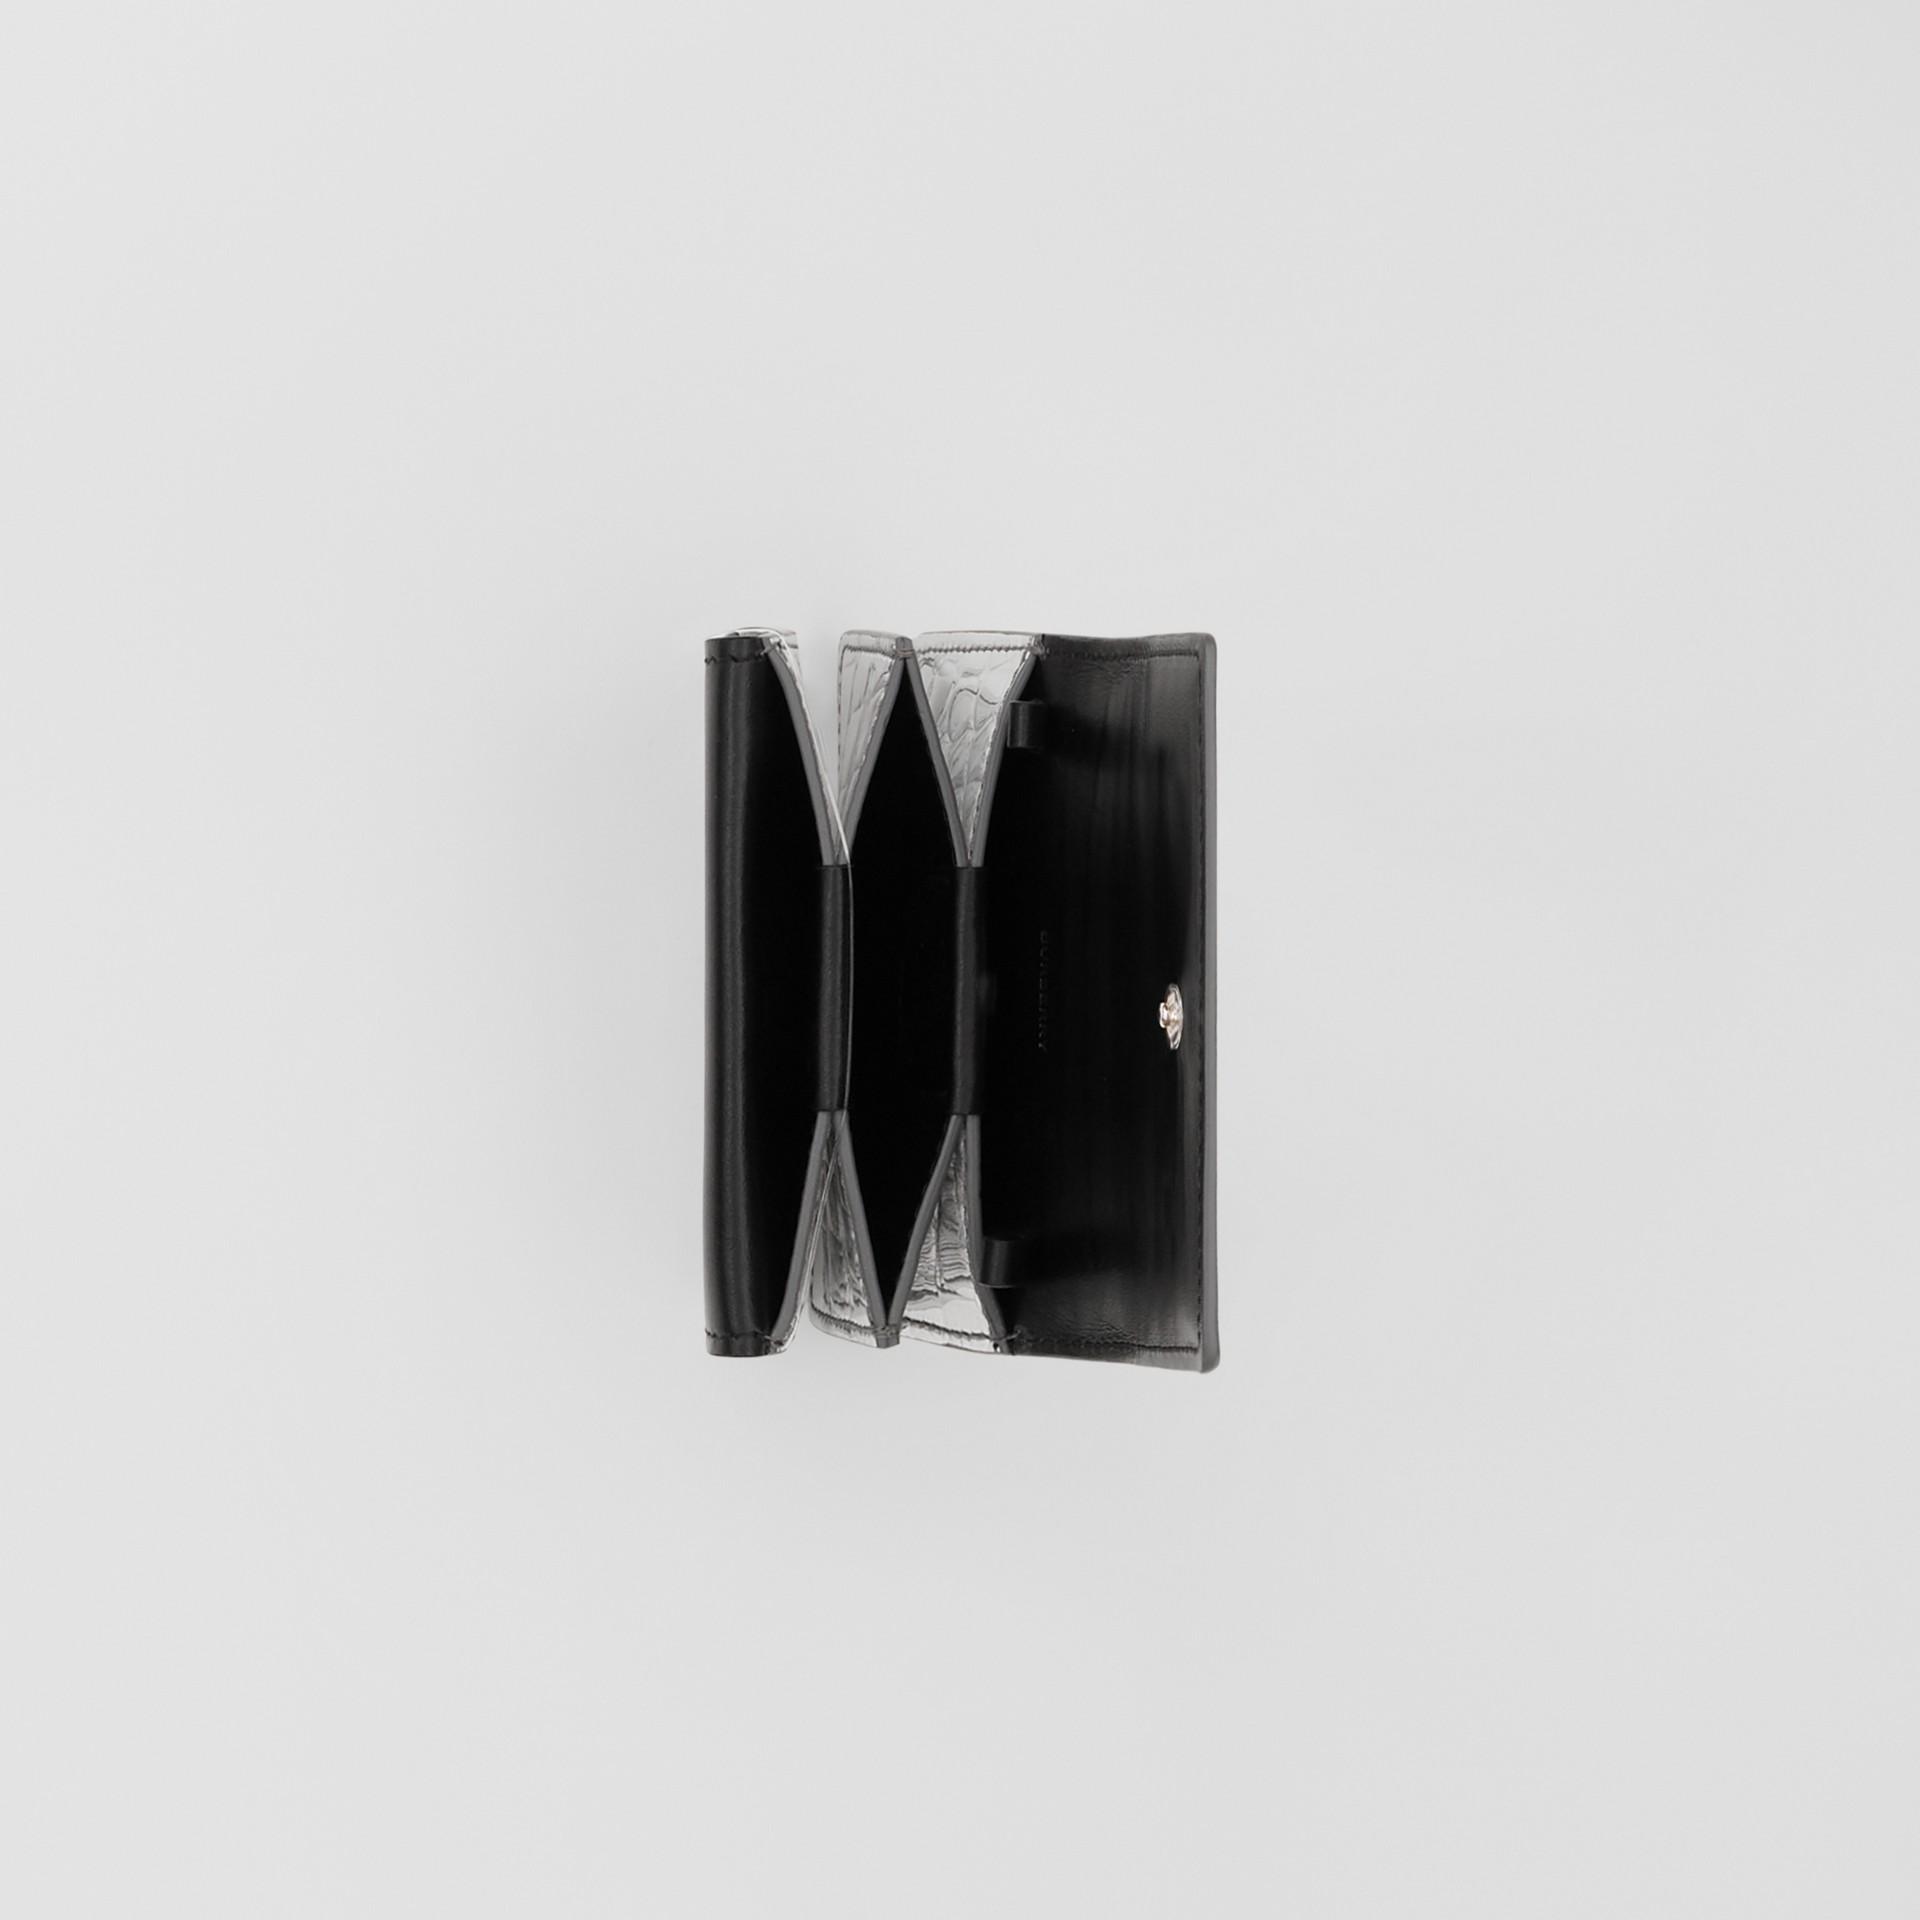 Porte-cartes embossé et métallisé avec sangle amovible (Argent) | Burberry - photo de la galerie 5